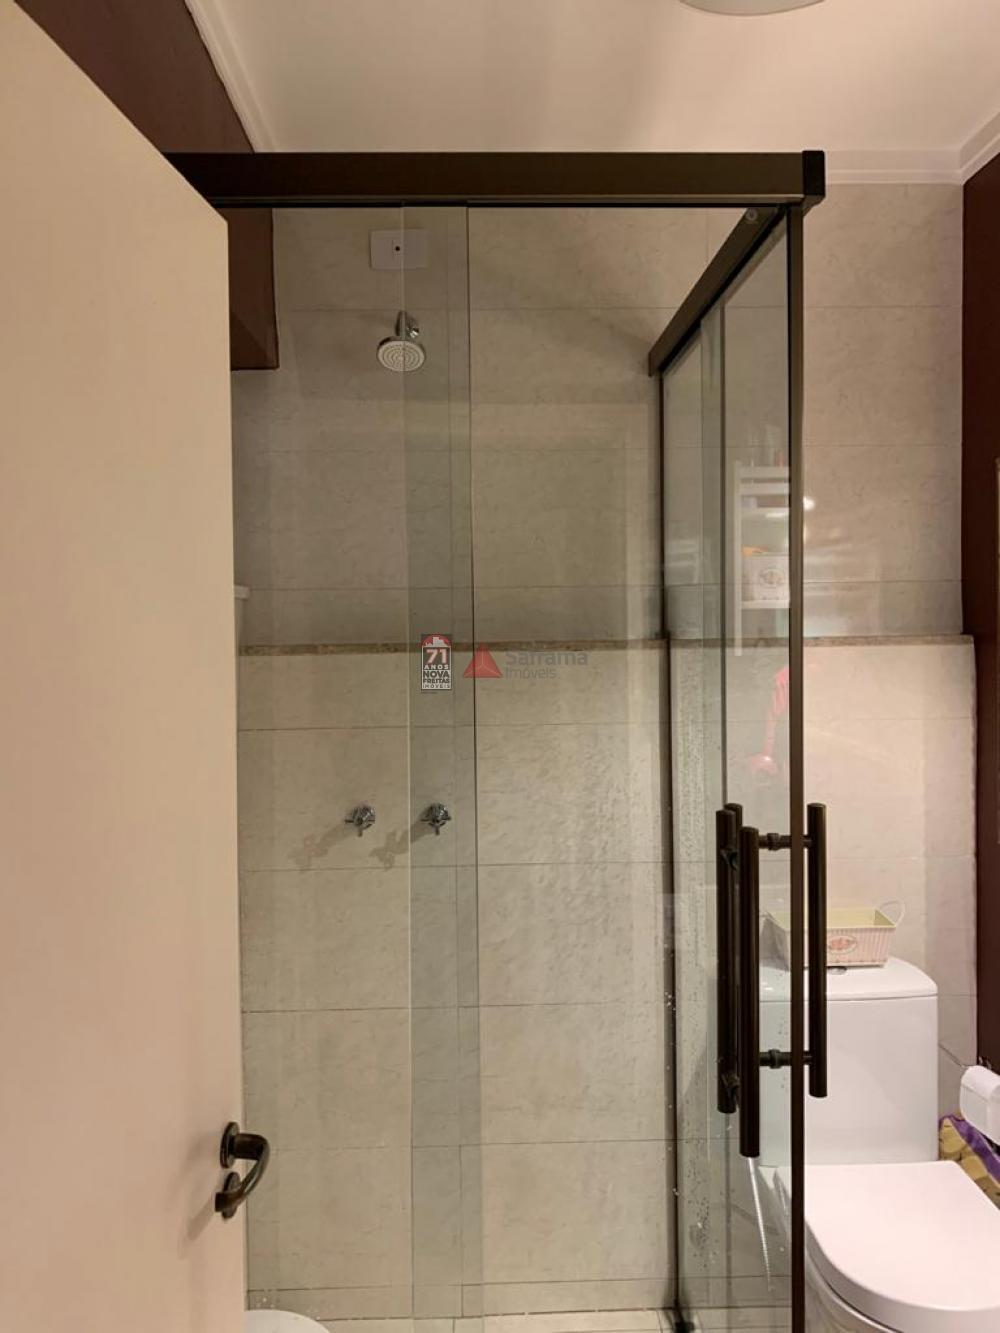 Comprar Apartamento / Padrão em São José dos Campos apenas R$ 580.000,00 - Foto 17